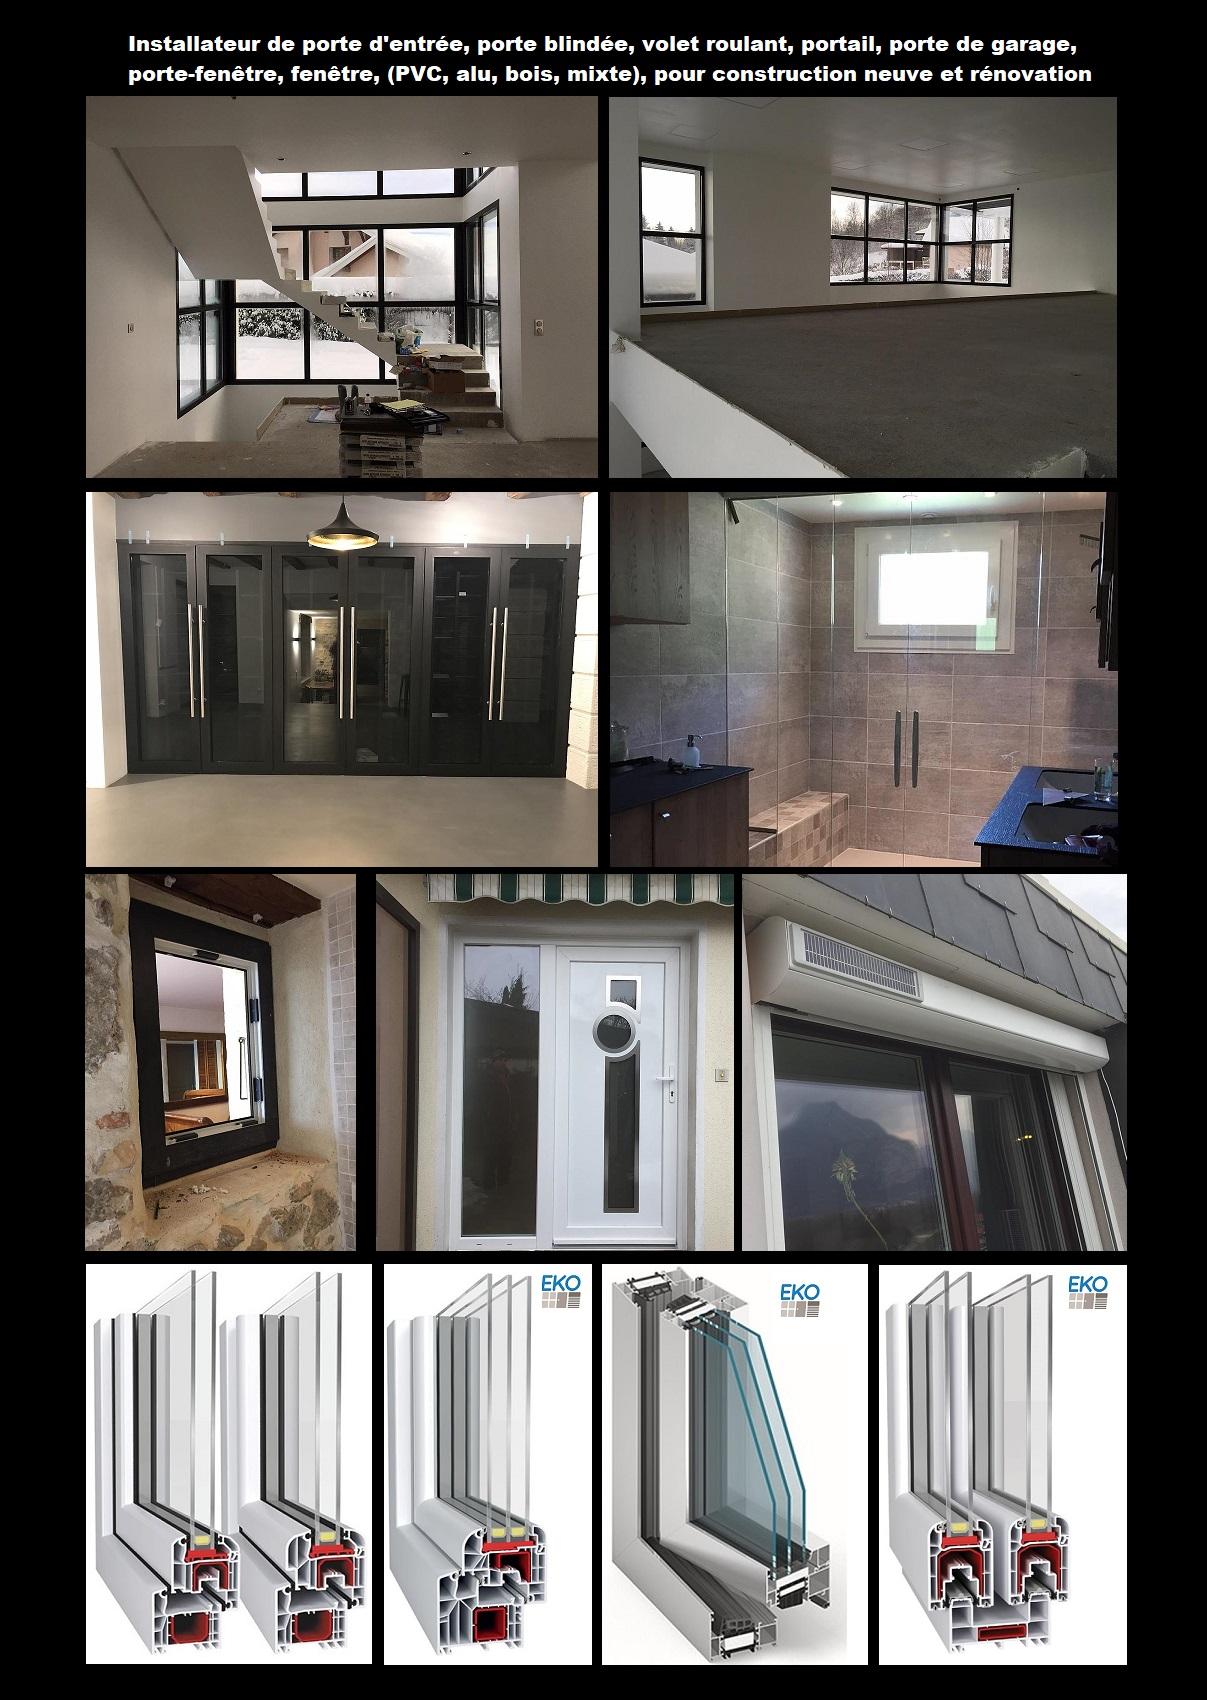 Fenetres Renovation Ou Remplacement renovation de fenetres a annecy | renovation de fenetres pvc